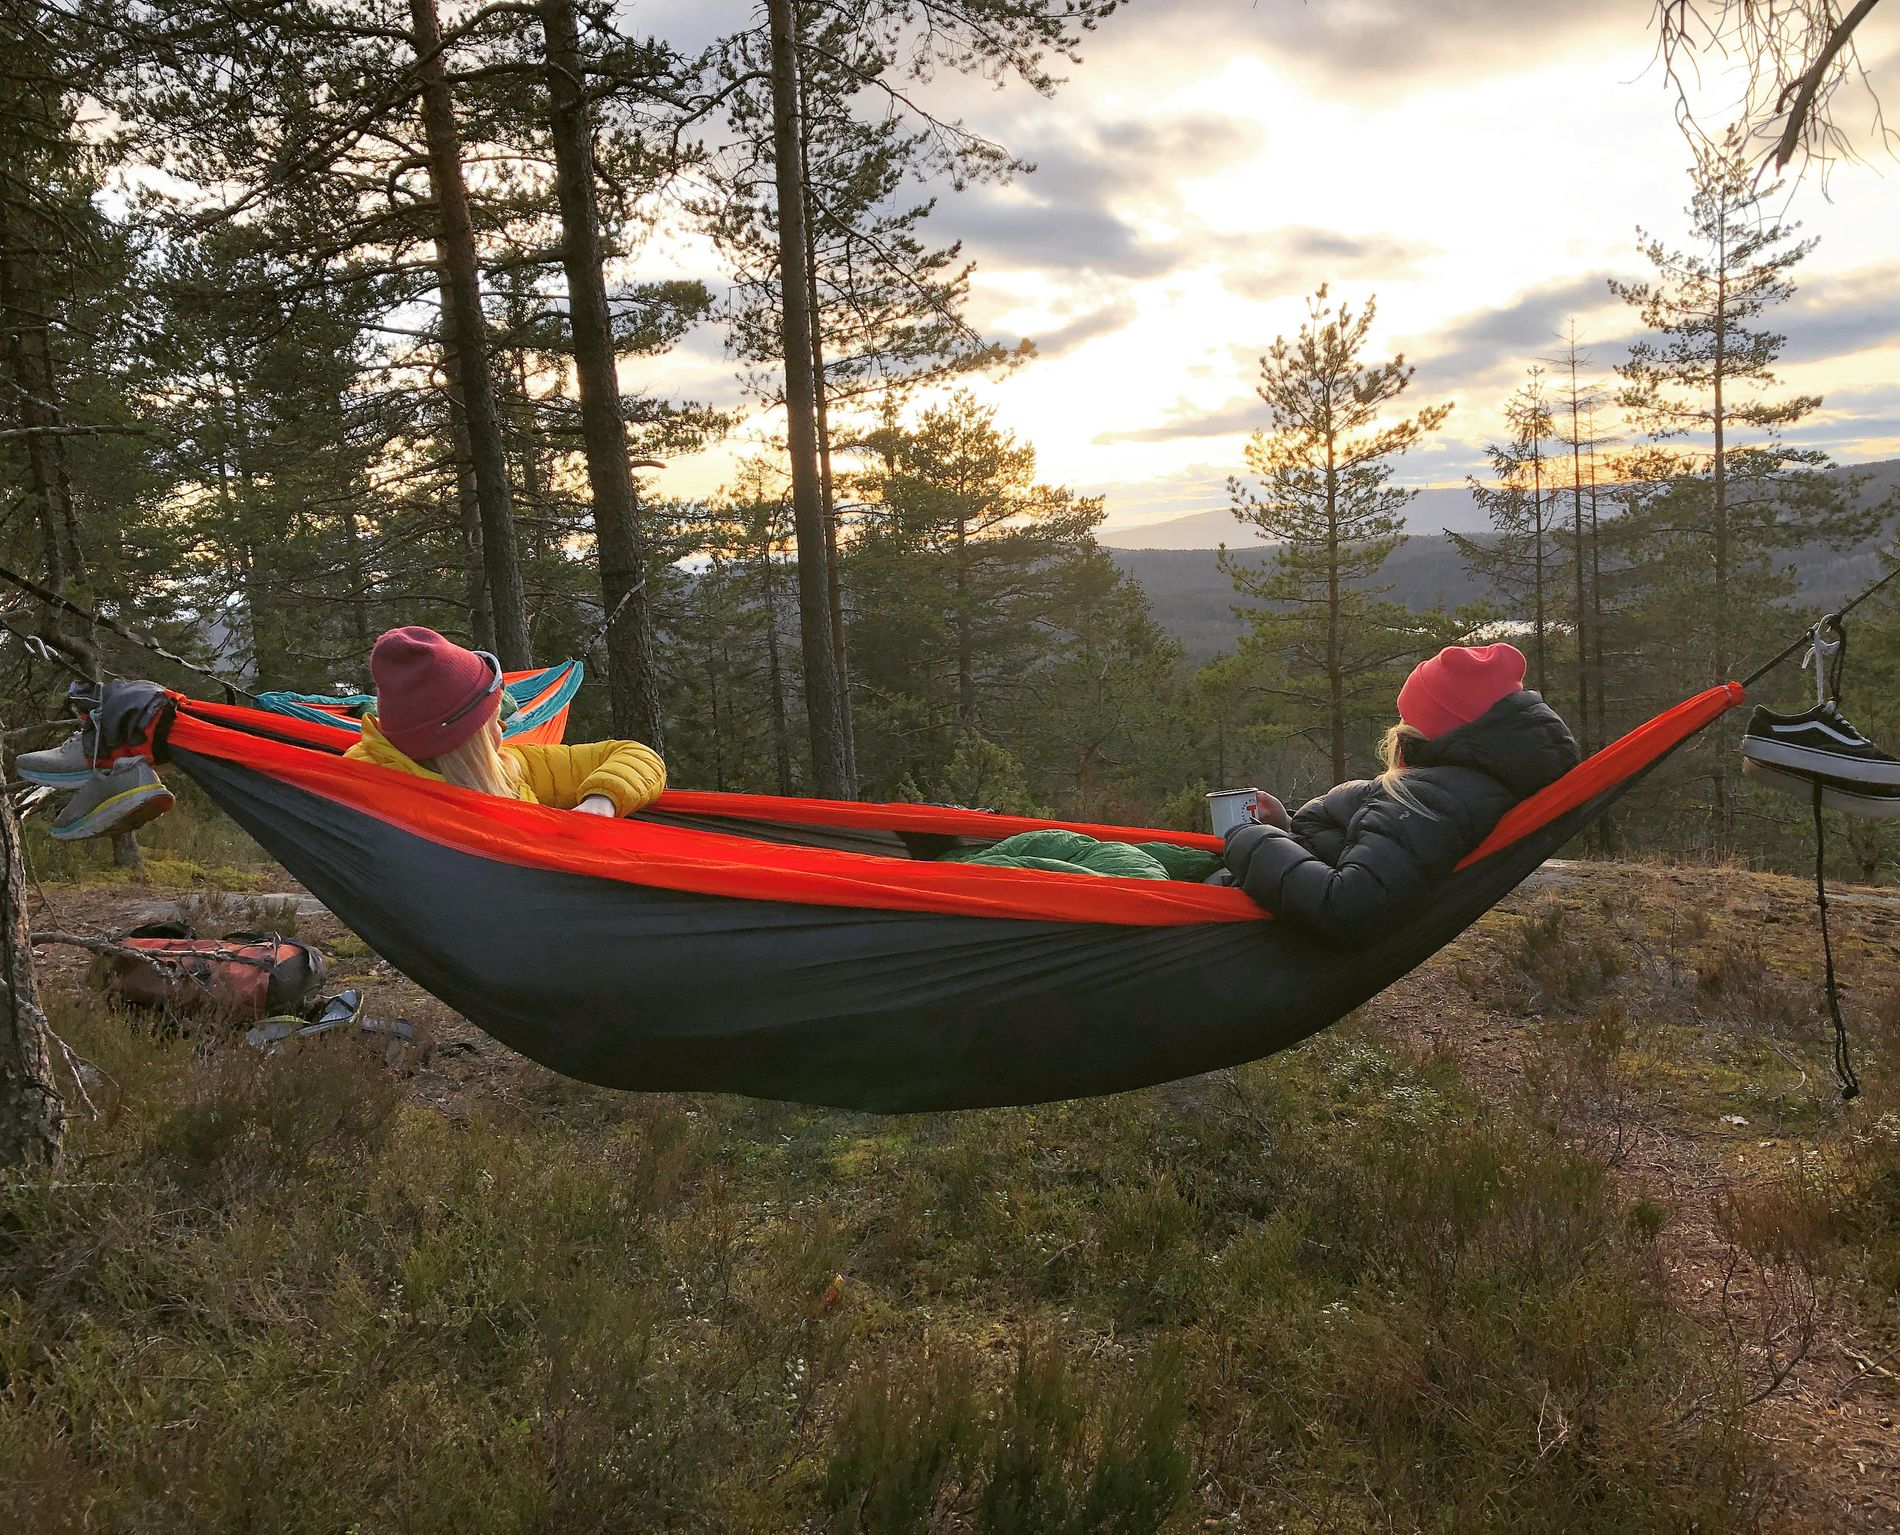 Påske: Hengekøye og telttur tips i coronatid – VG